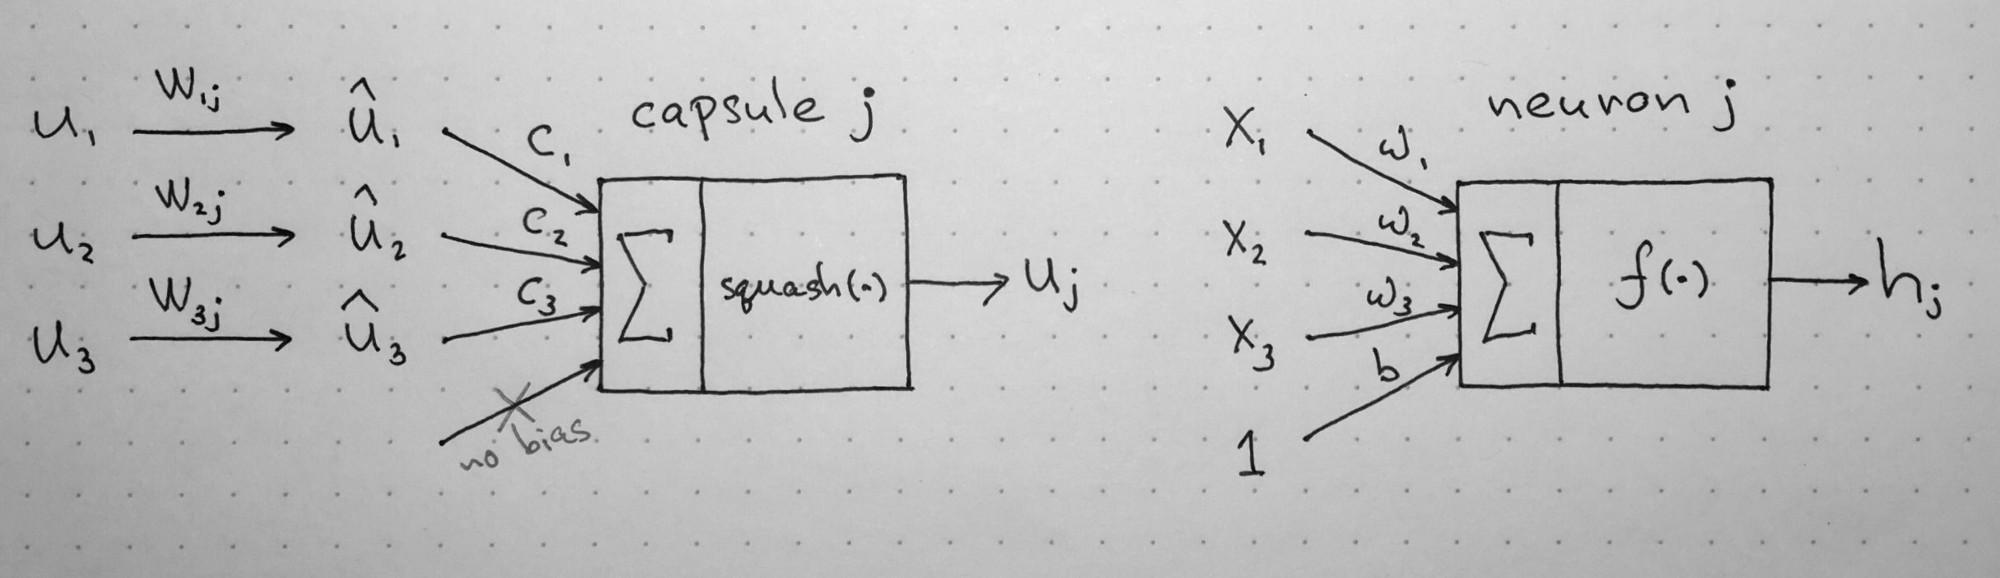 capsules-drawing